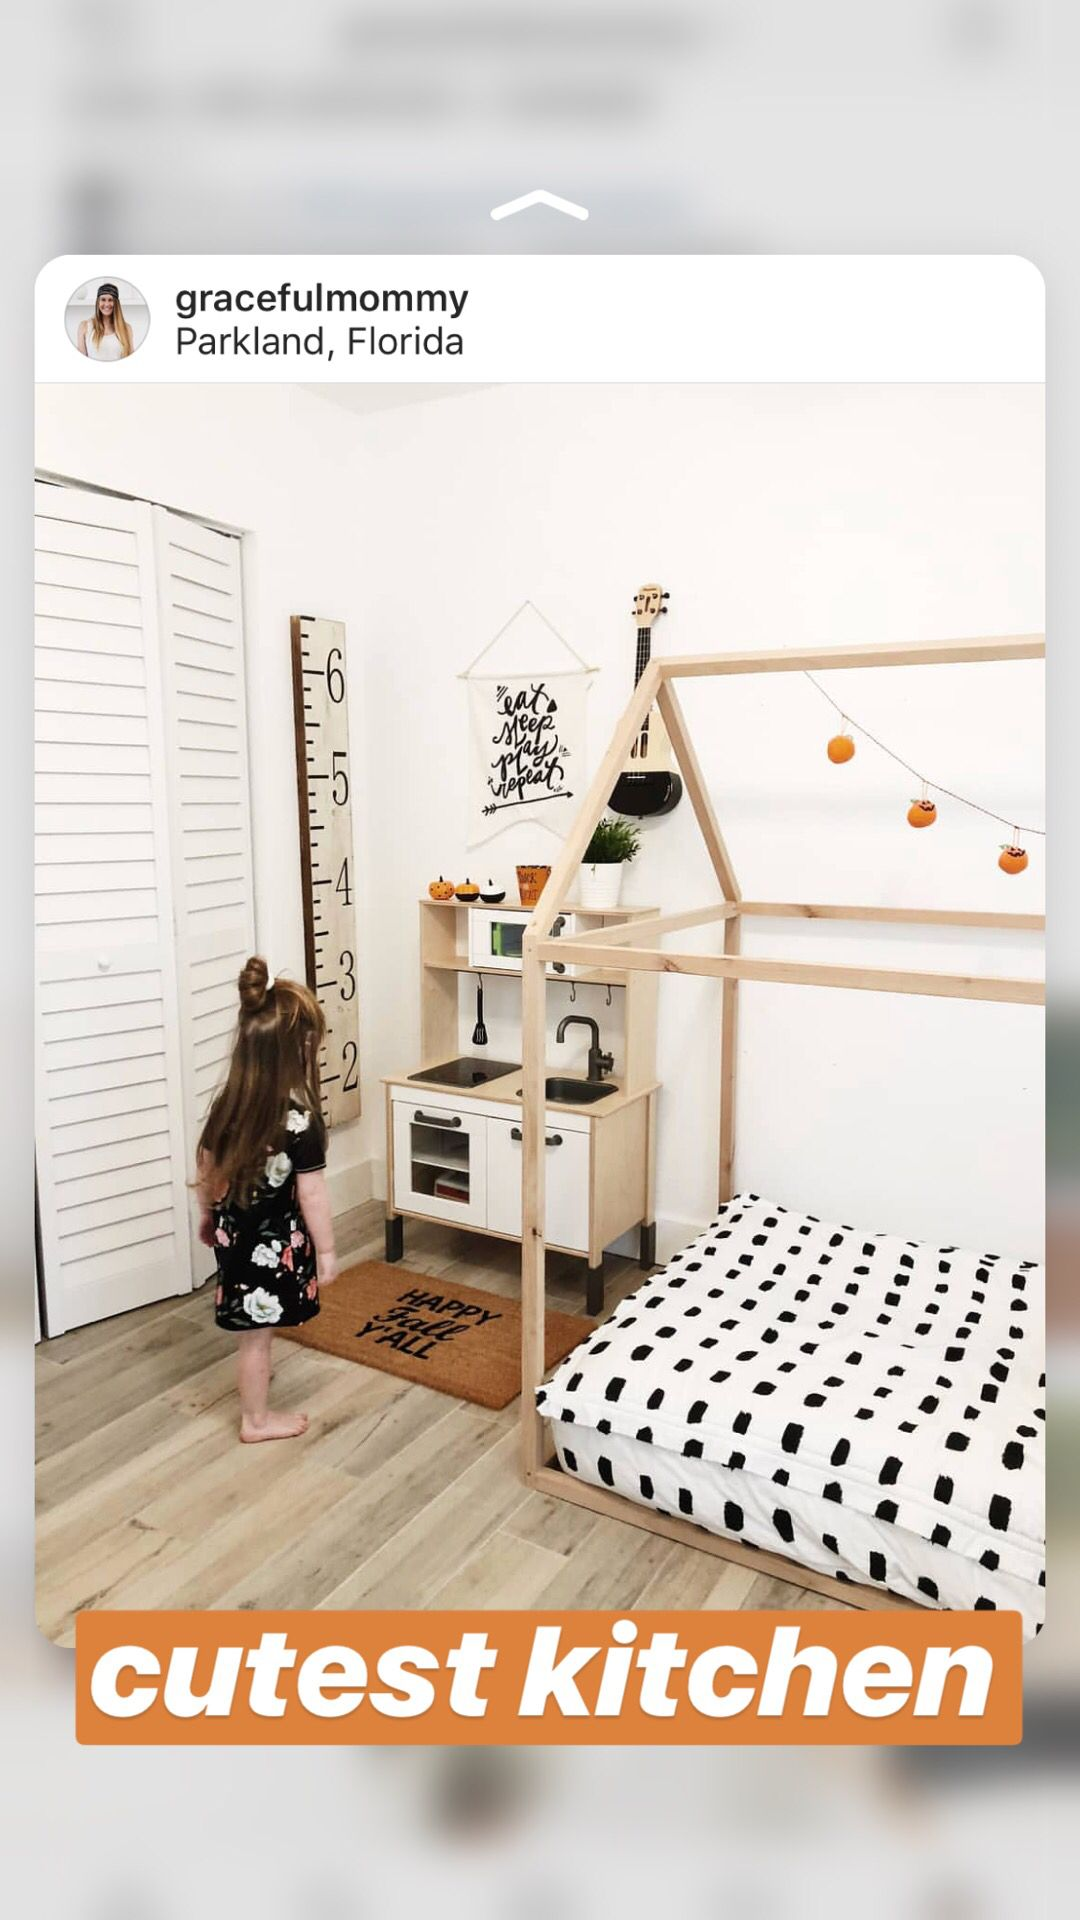 Schlafzimmer Mit Spielbereich Eltern Kinder Interieur Idee Ruetemple ...